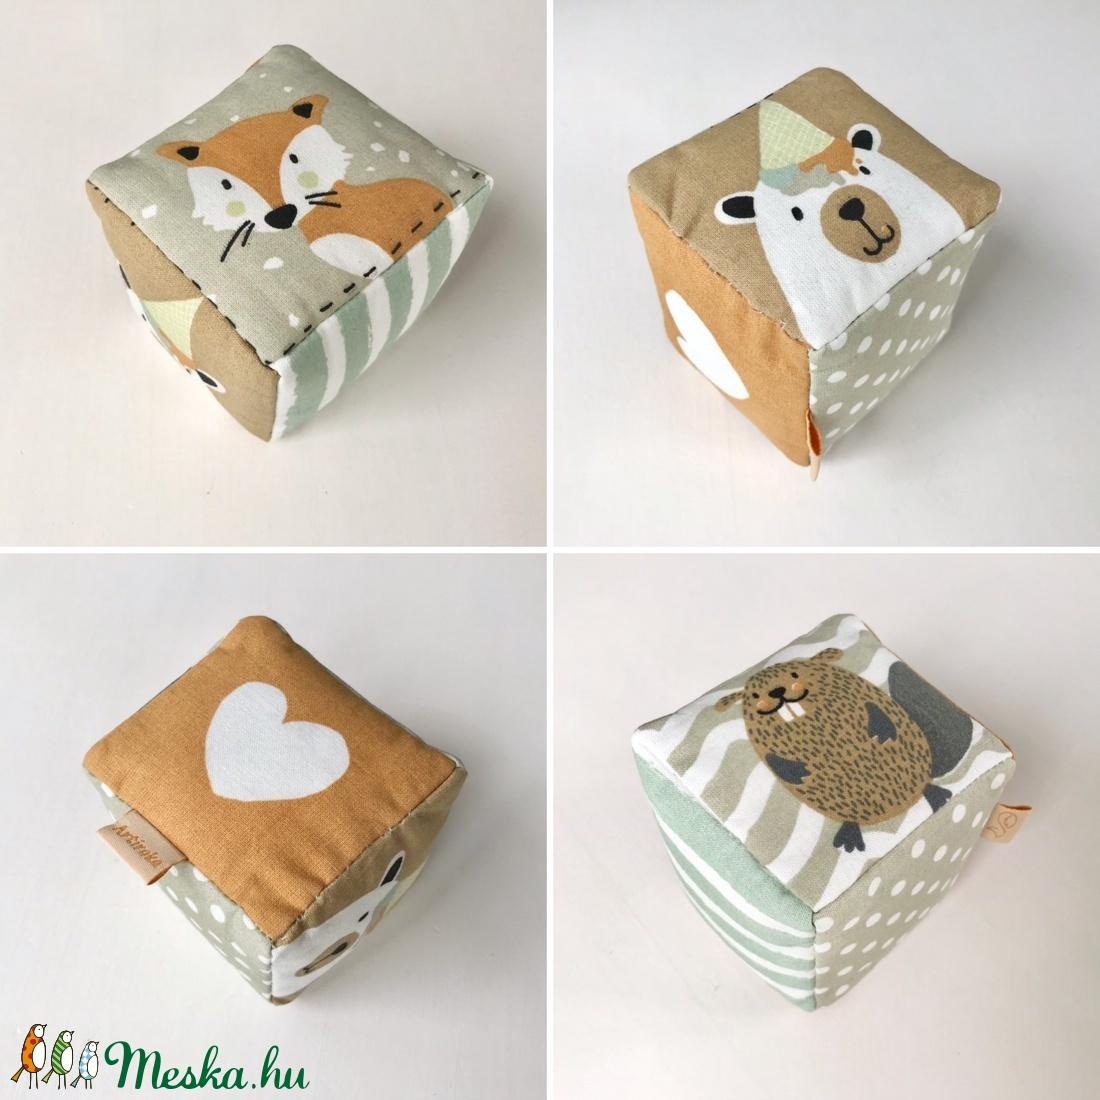 Baba kocka  - róka, maci, hód mintás készségfejlesztő babajáték - Artiroka design - játék & gyerek - 3 éves kor alattiaknak - babakocka - Meska.hu